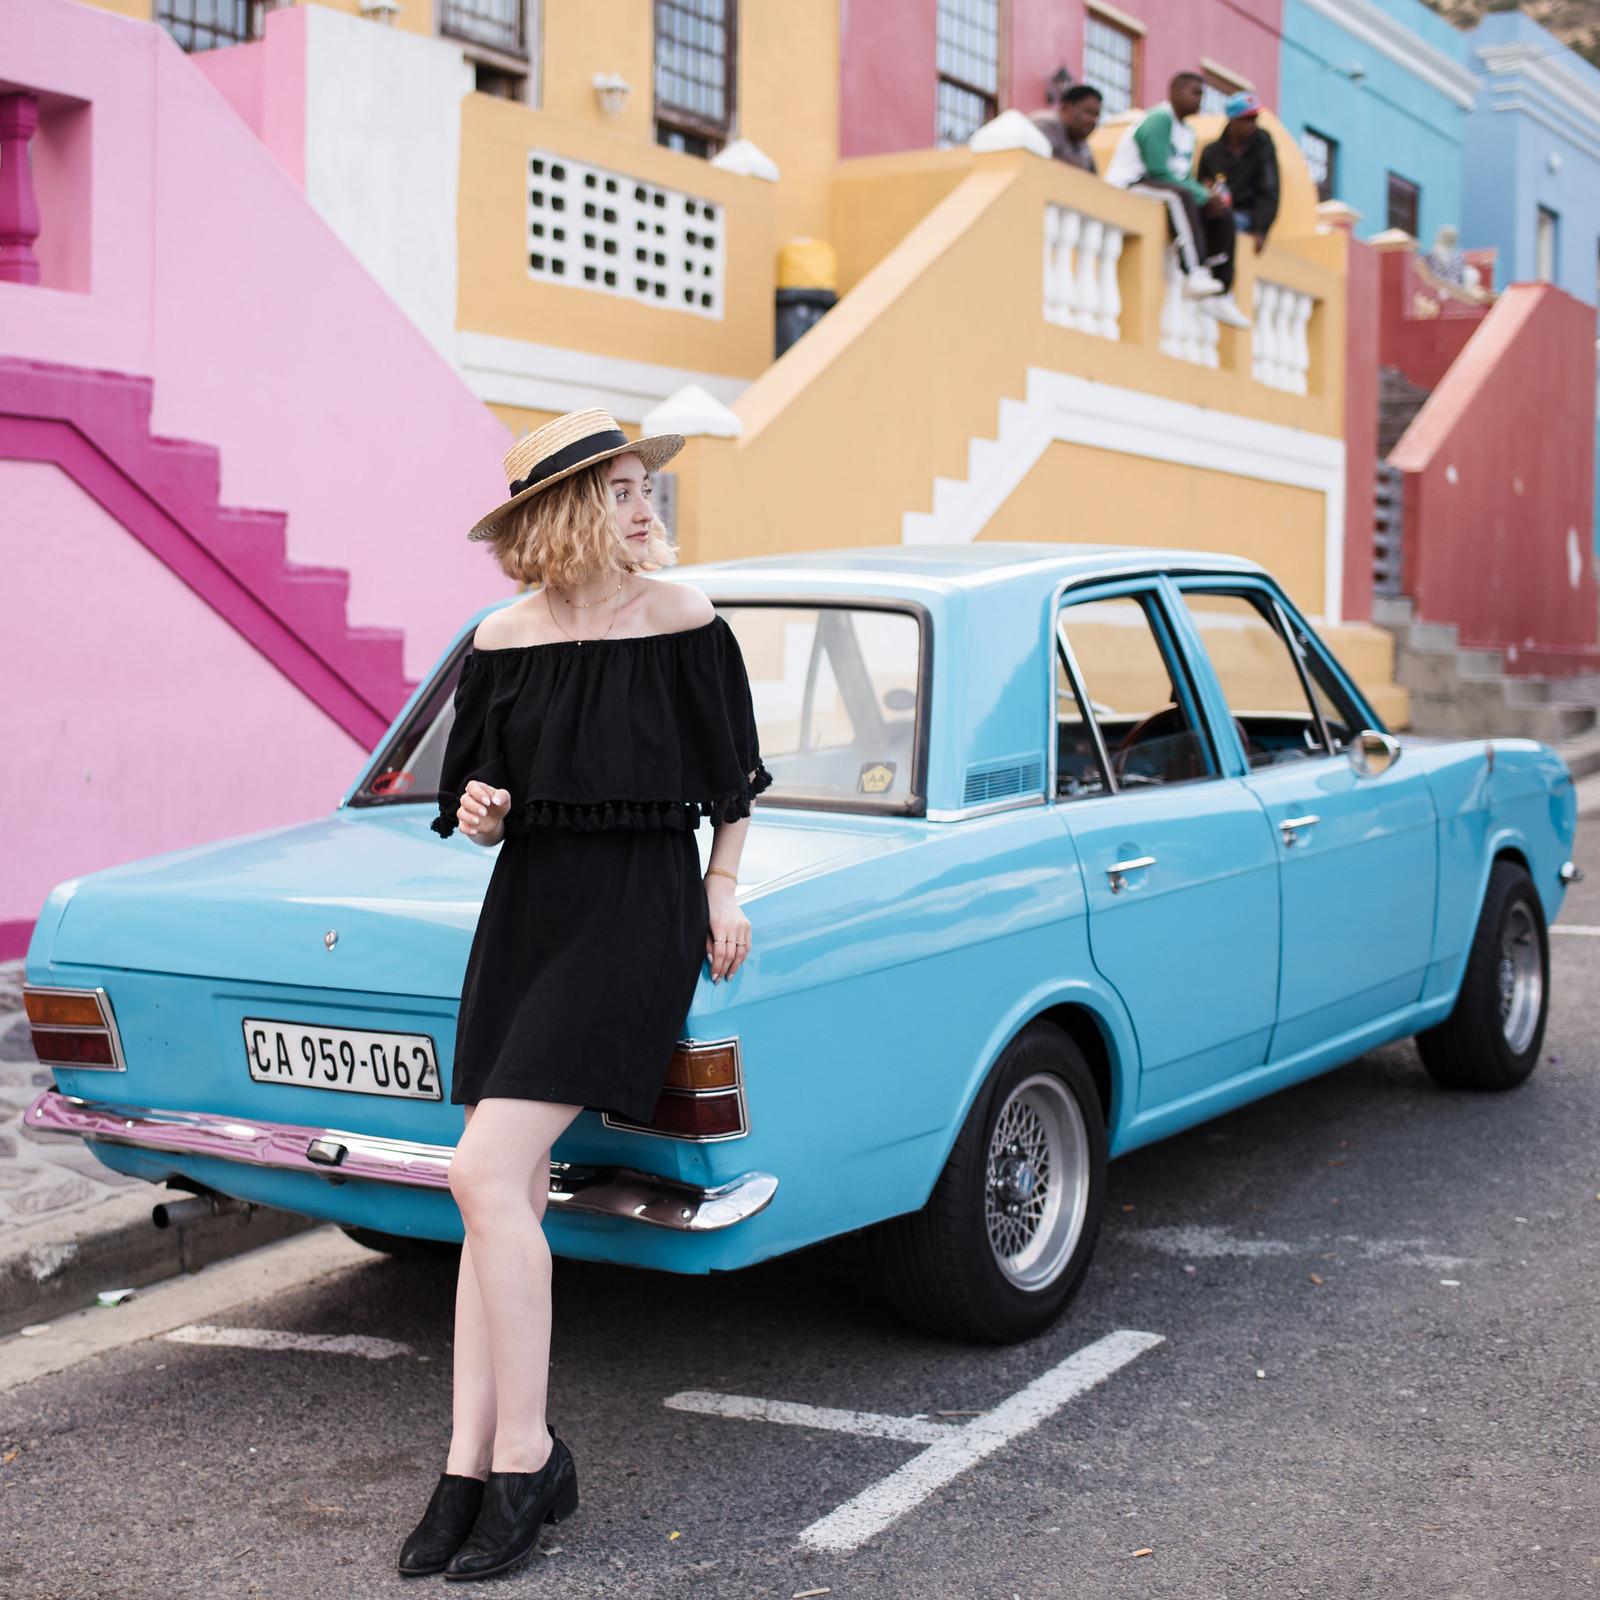 Vintage Blue Car on juliettelaura.blogspot.com